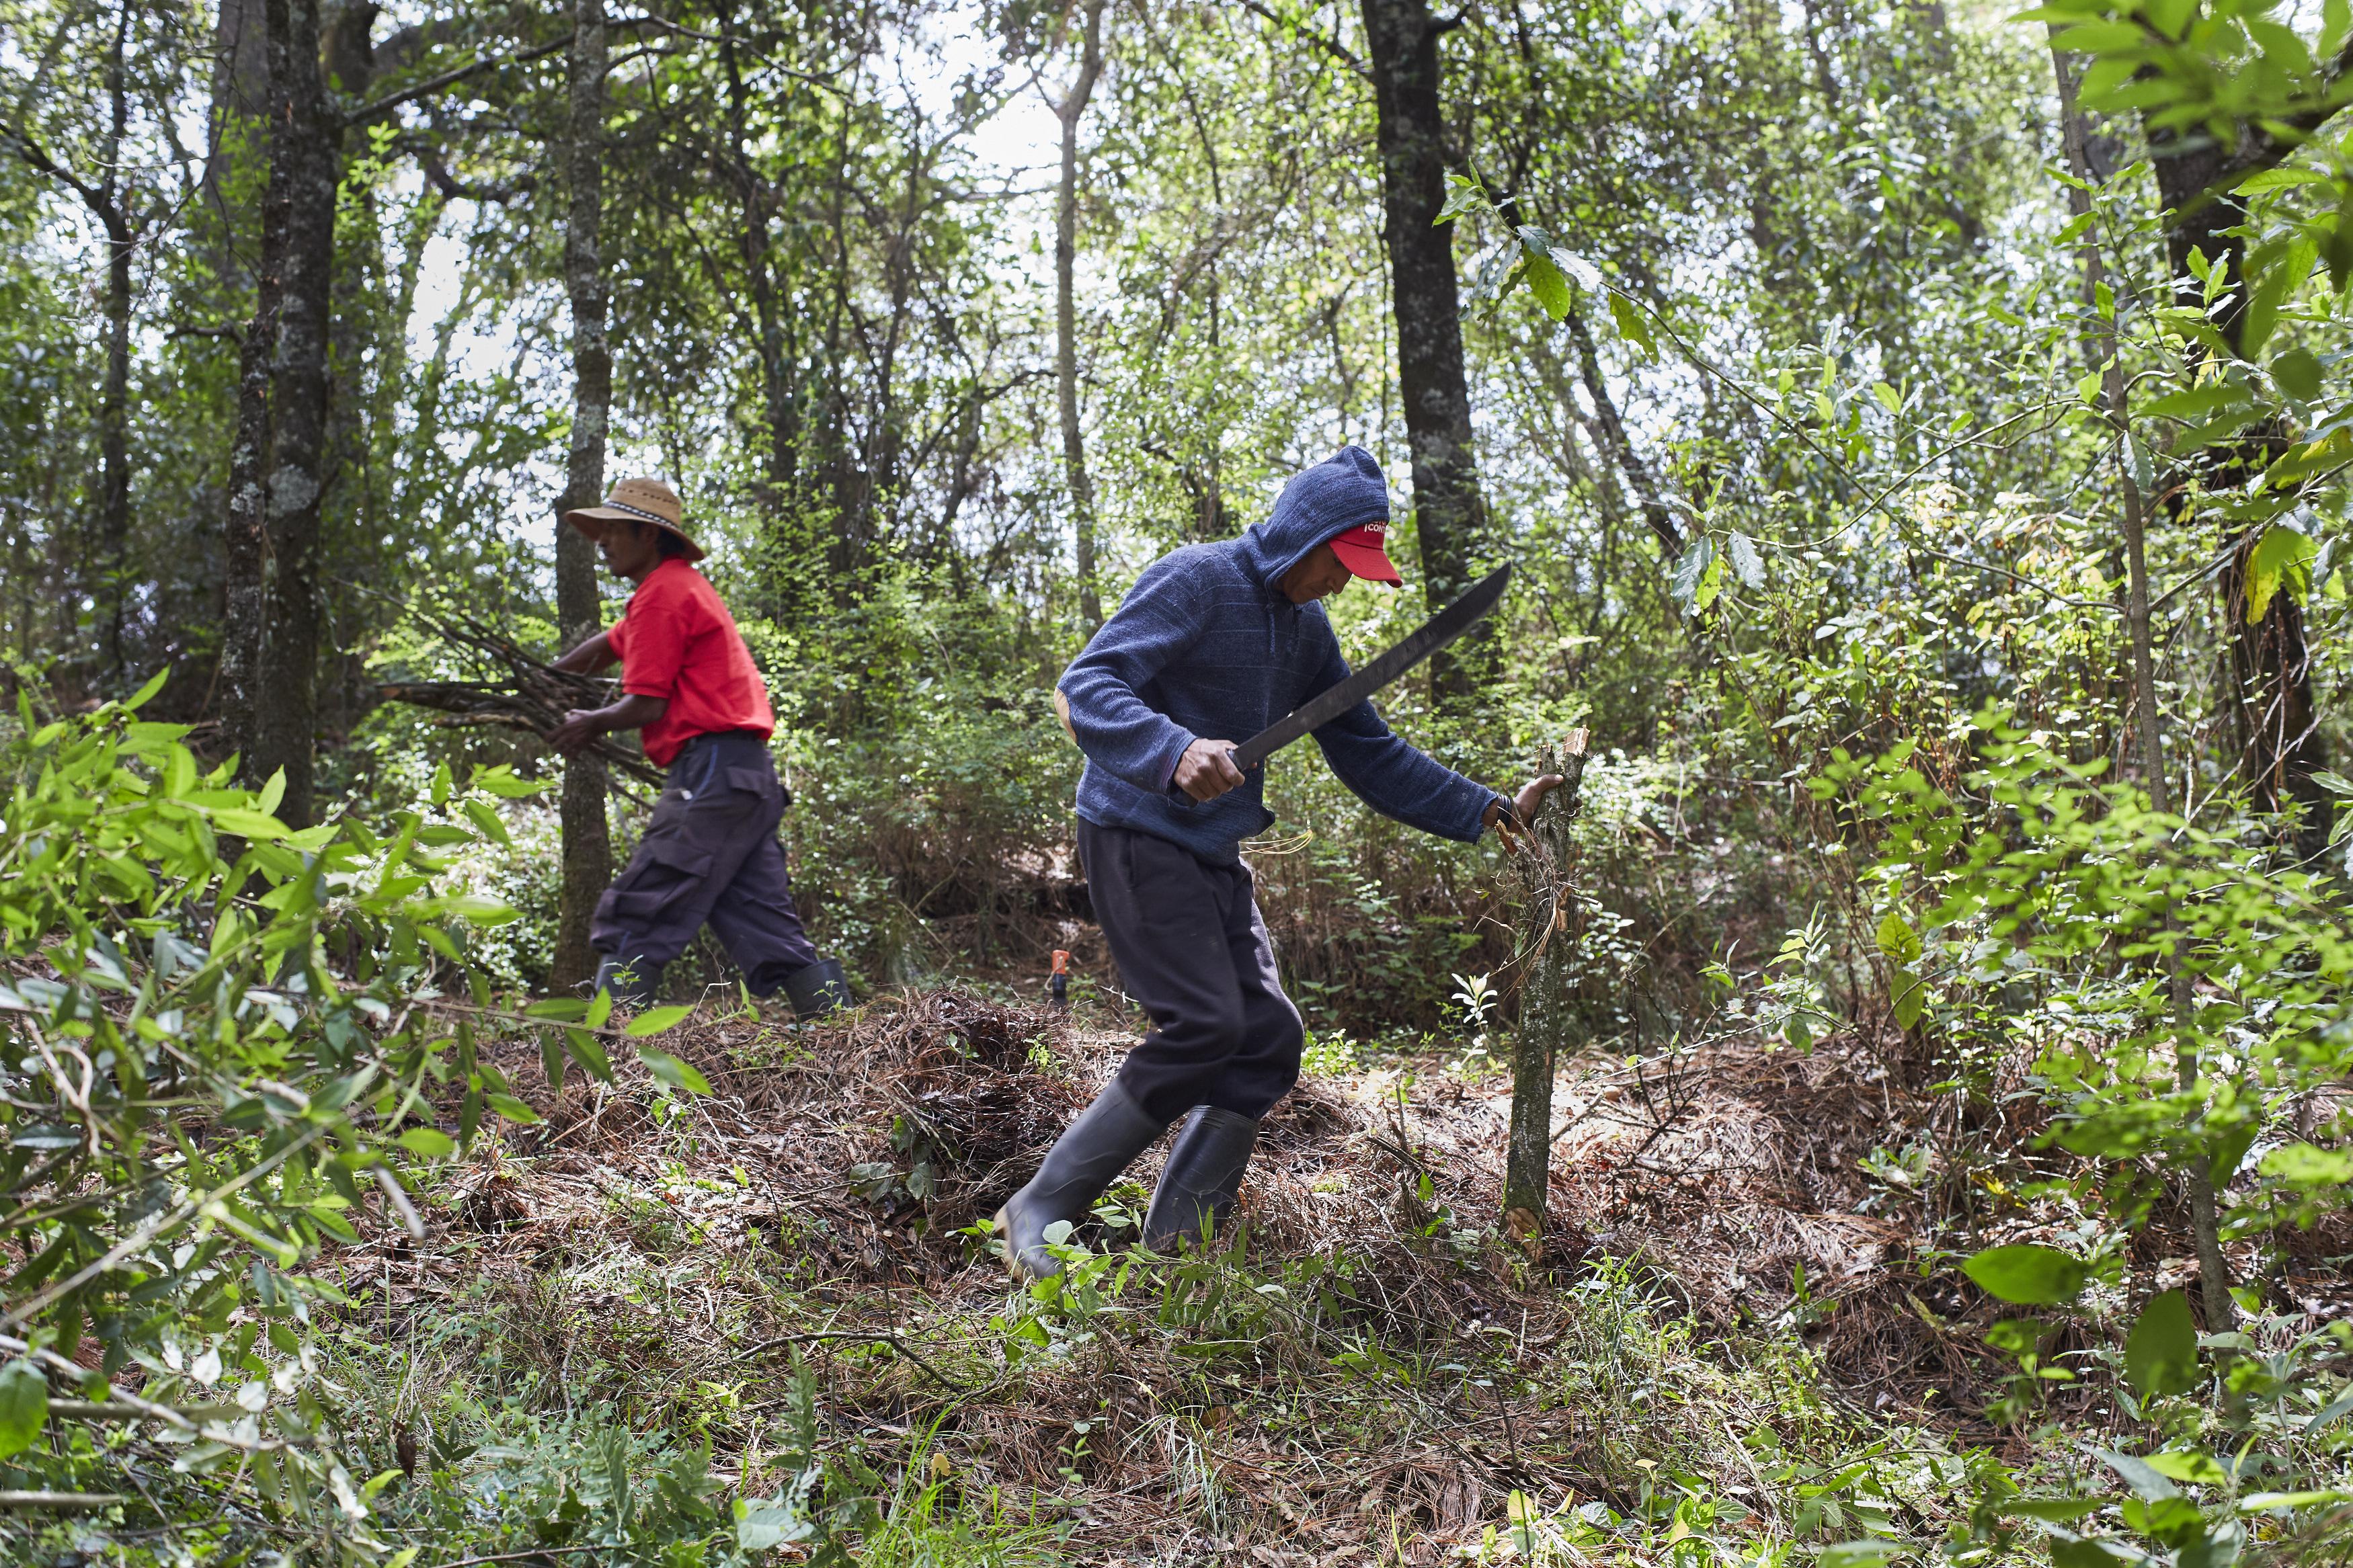 Actividades de aclareo y poda del bosque en Amanalco, Estado de México. Las labores de aclareo, poda y chaponeo permiten que el bosque crezca con más vigor y se mantenga en buen estado. Foto: Prometeo Lucero